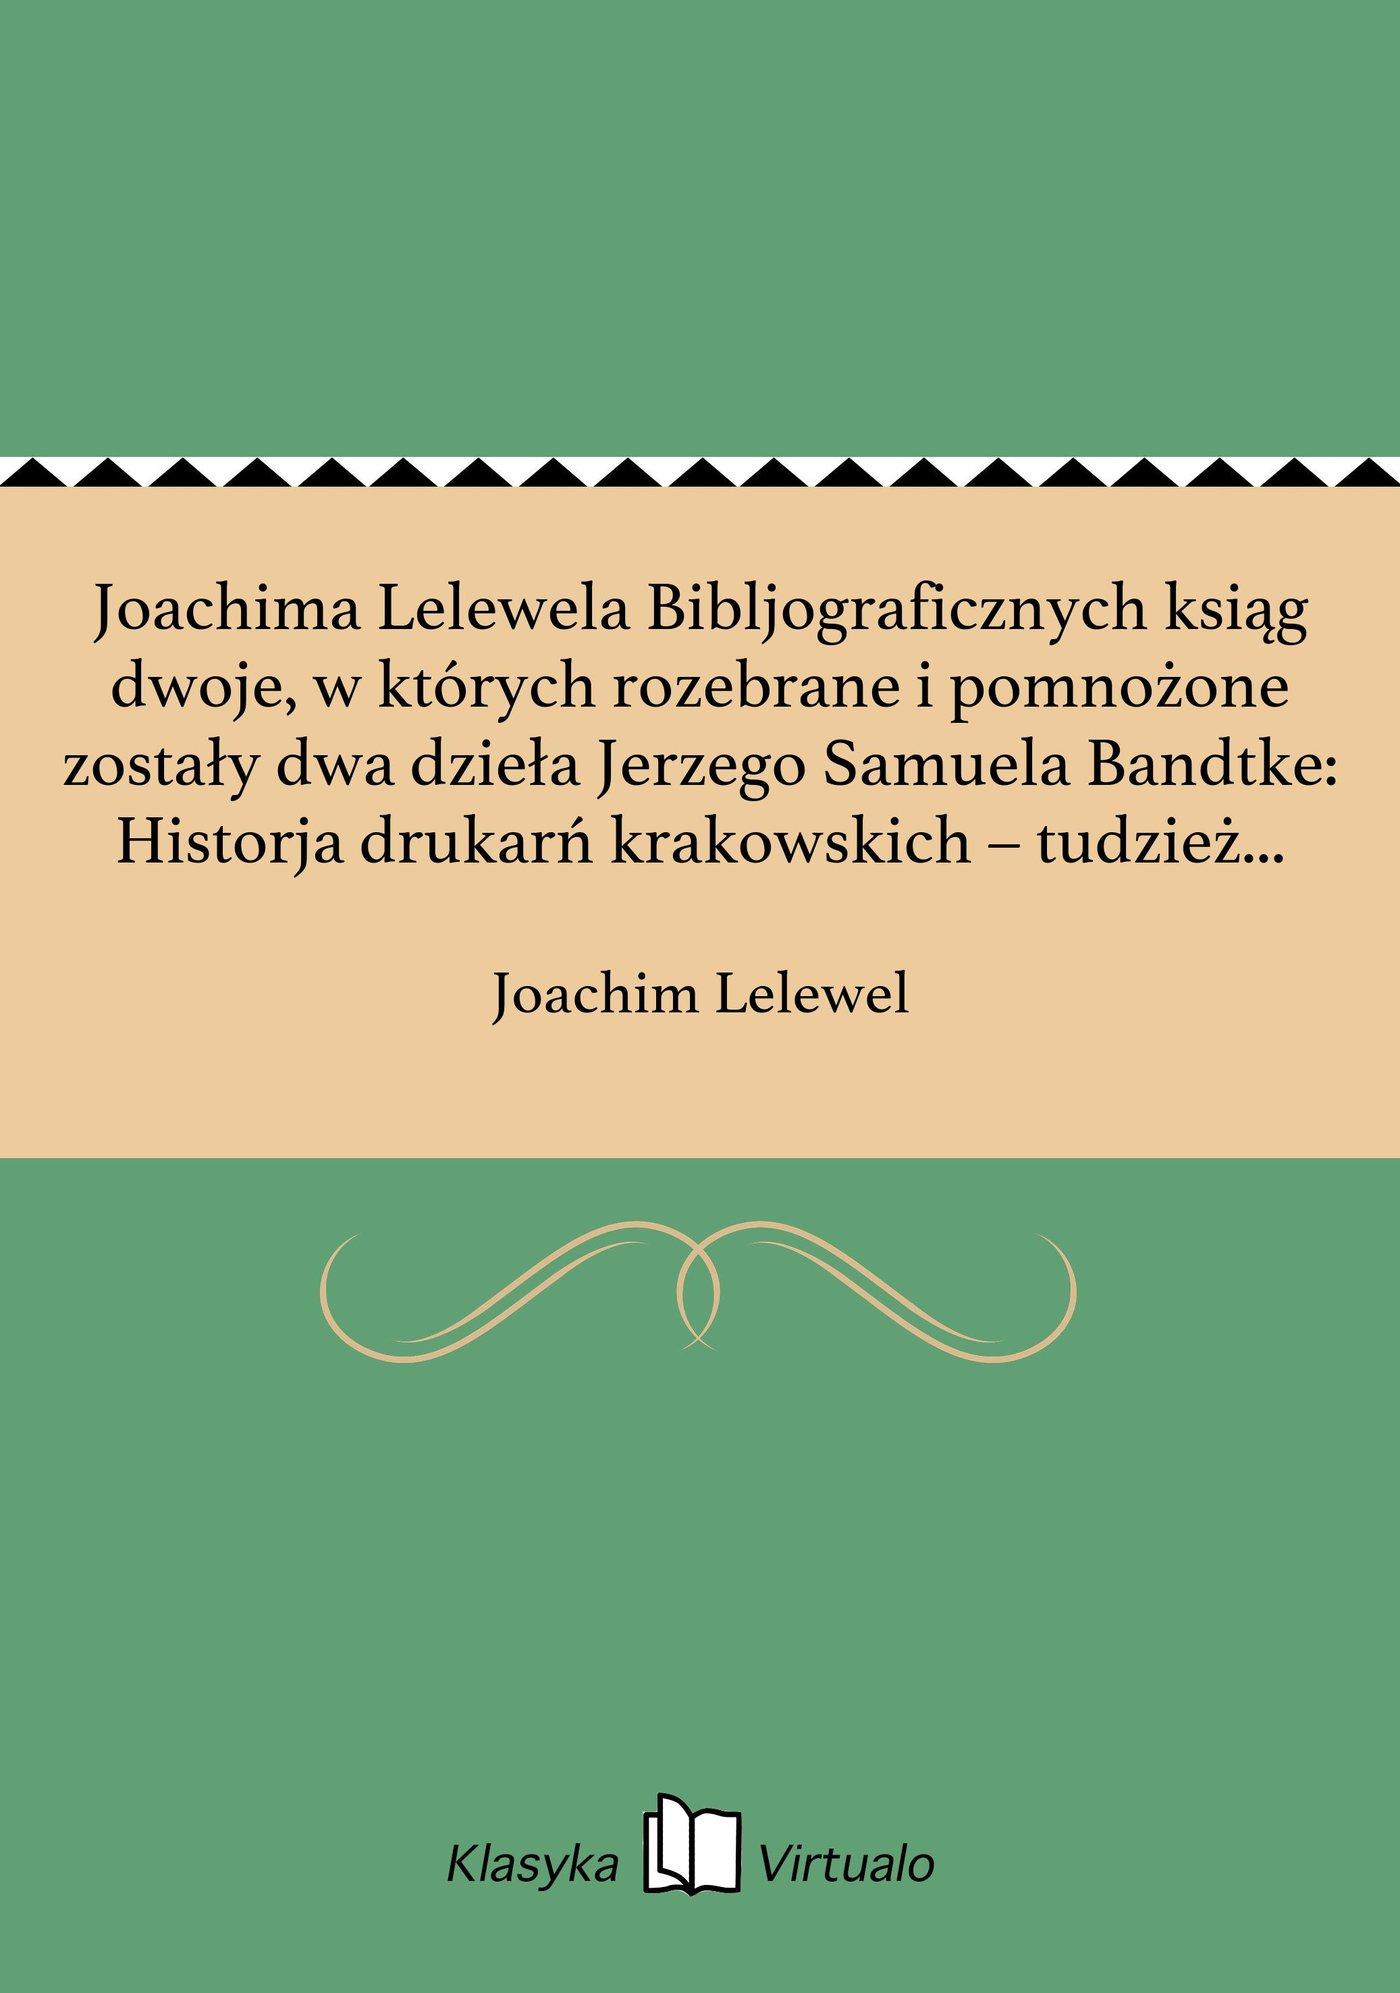 Joachima Lelewela Bibljograficznych ksiąg dwoje, w których rozebrane i pomnożone zostały dwa dzieła Jerzego Samuela Bandtke: Historja drukarń krakowskich – tudzież Historja Biblioteki Uniw. Jagiell. w Krakowie a przydany Katalog inkunabułów polsk Tom 2. - Ebook (Książka EPUB) do pobrania w formacie EPUB